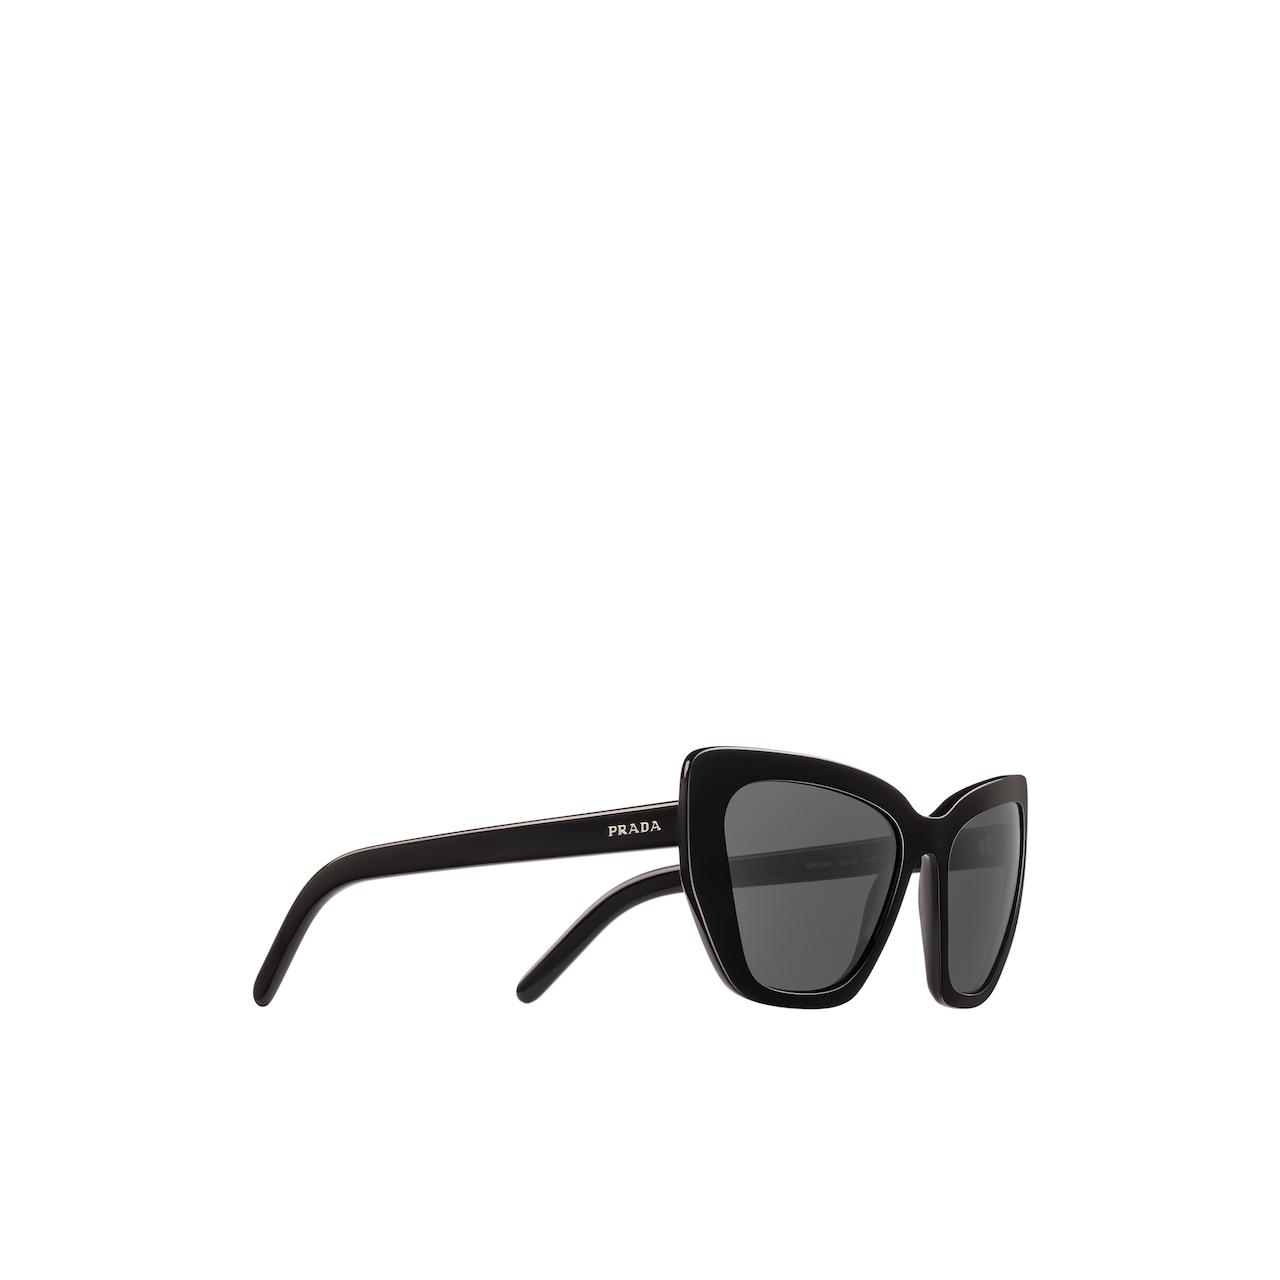 Prada Prada Postcard sunglasses 3